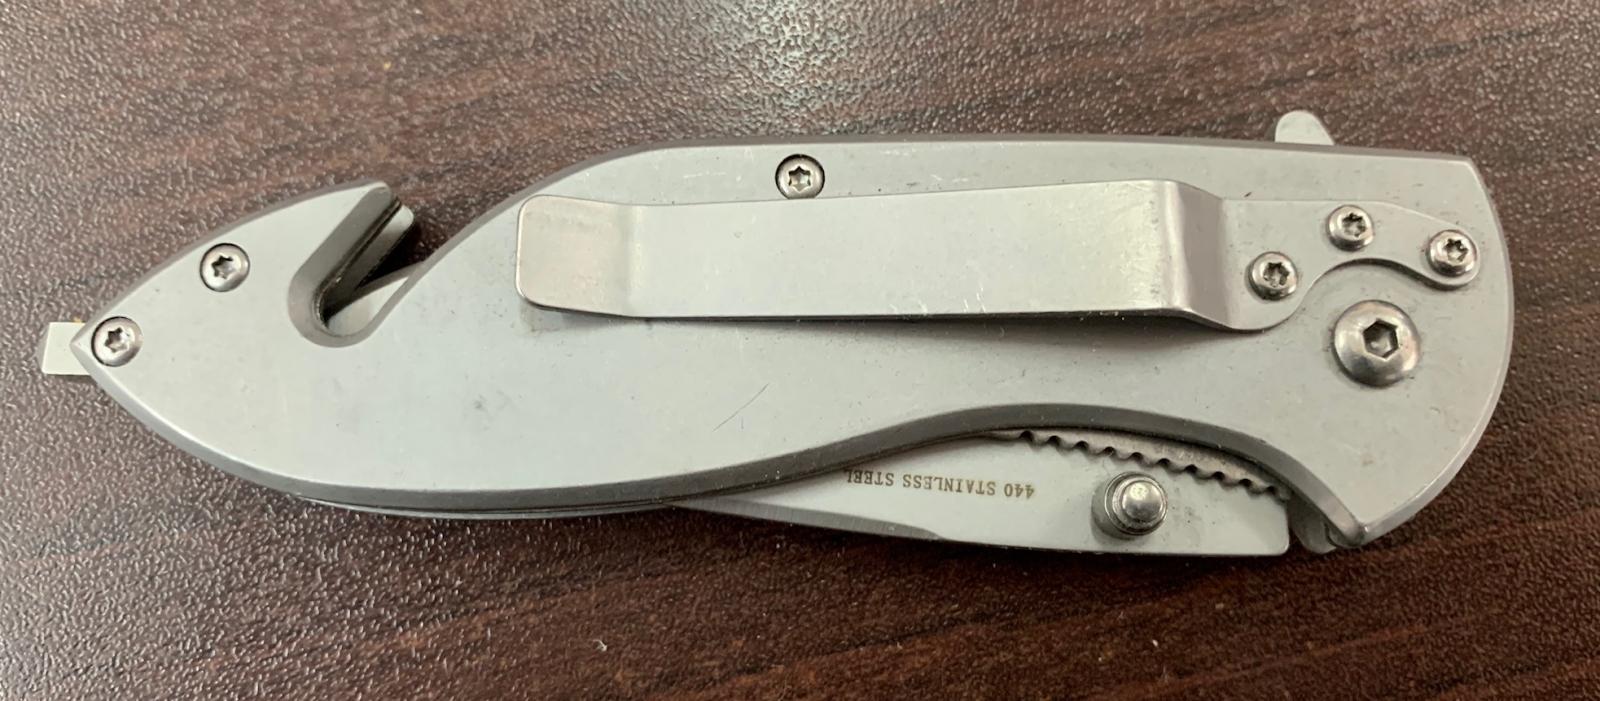 Складной стильный нож Boker со стеклобоем